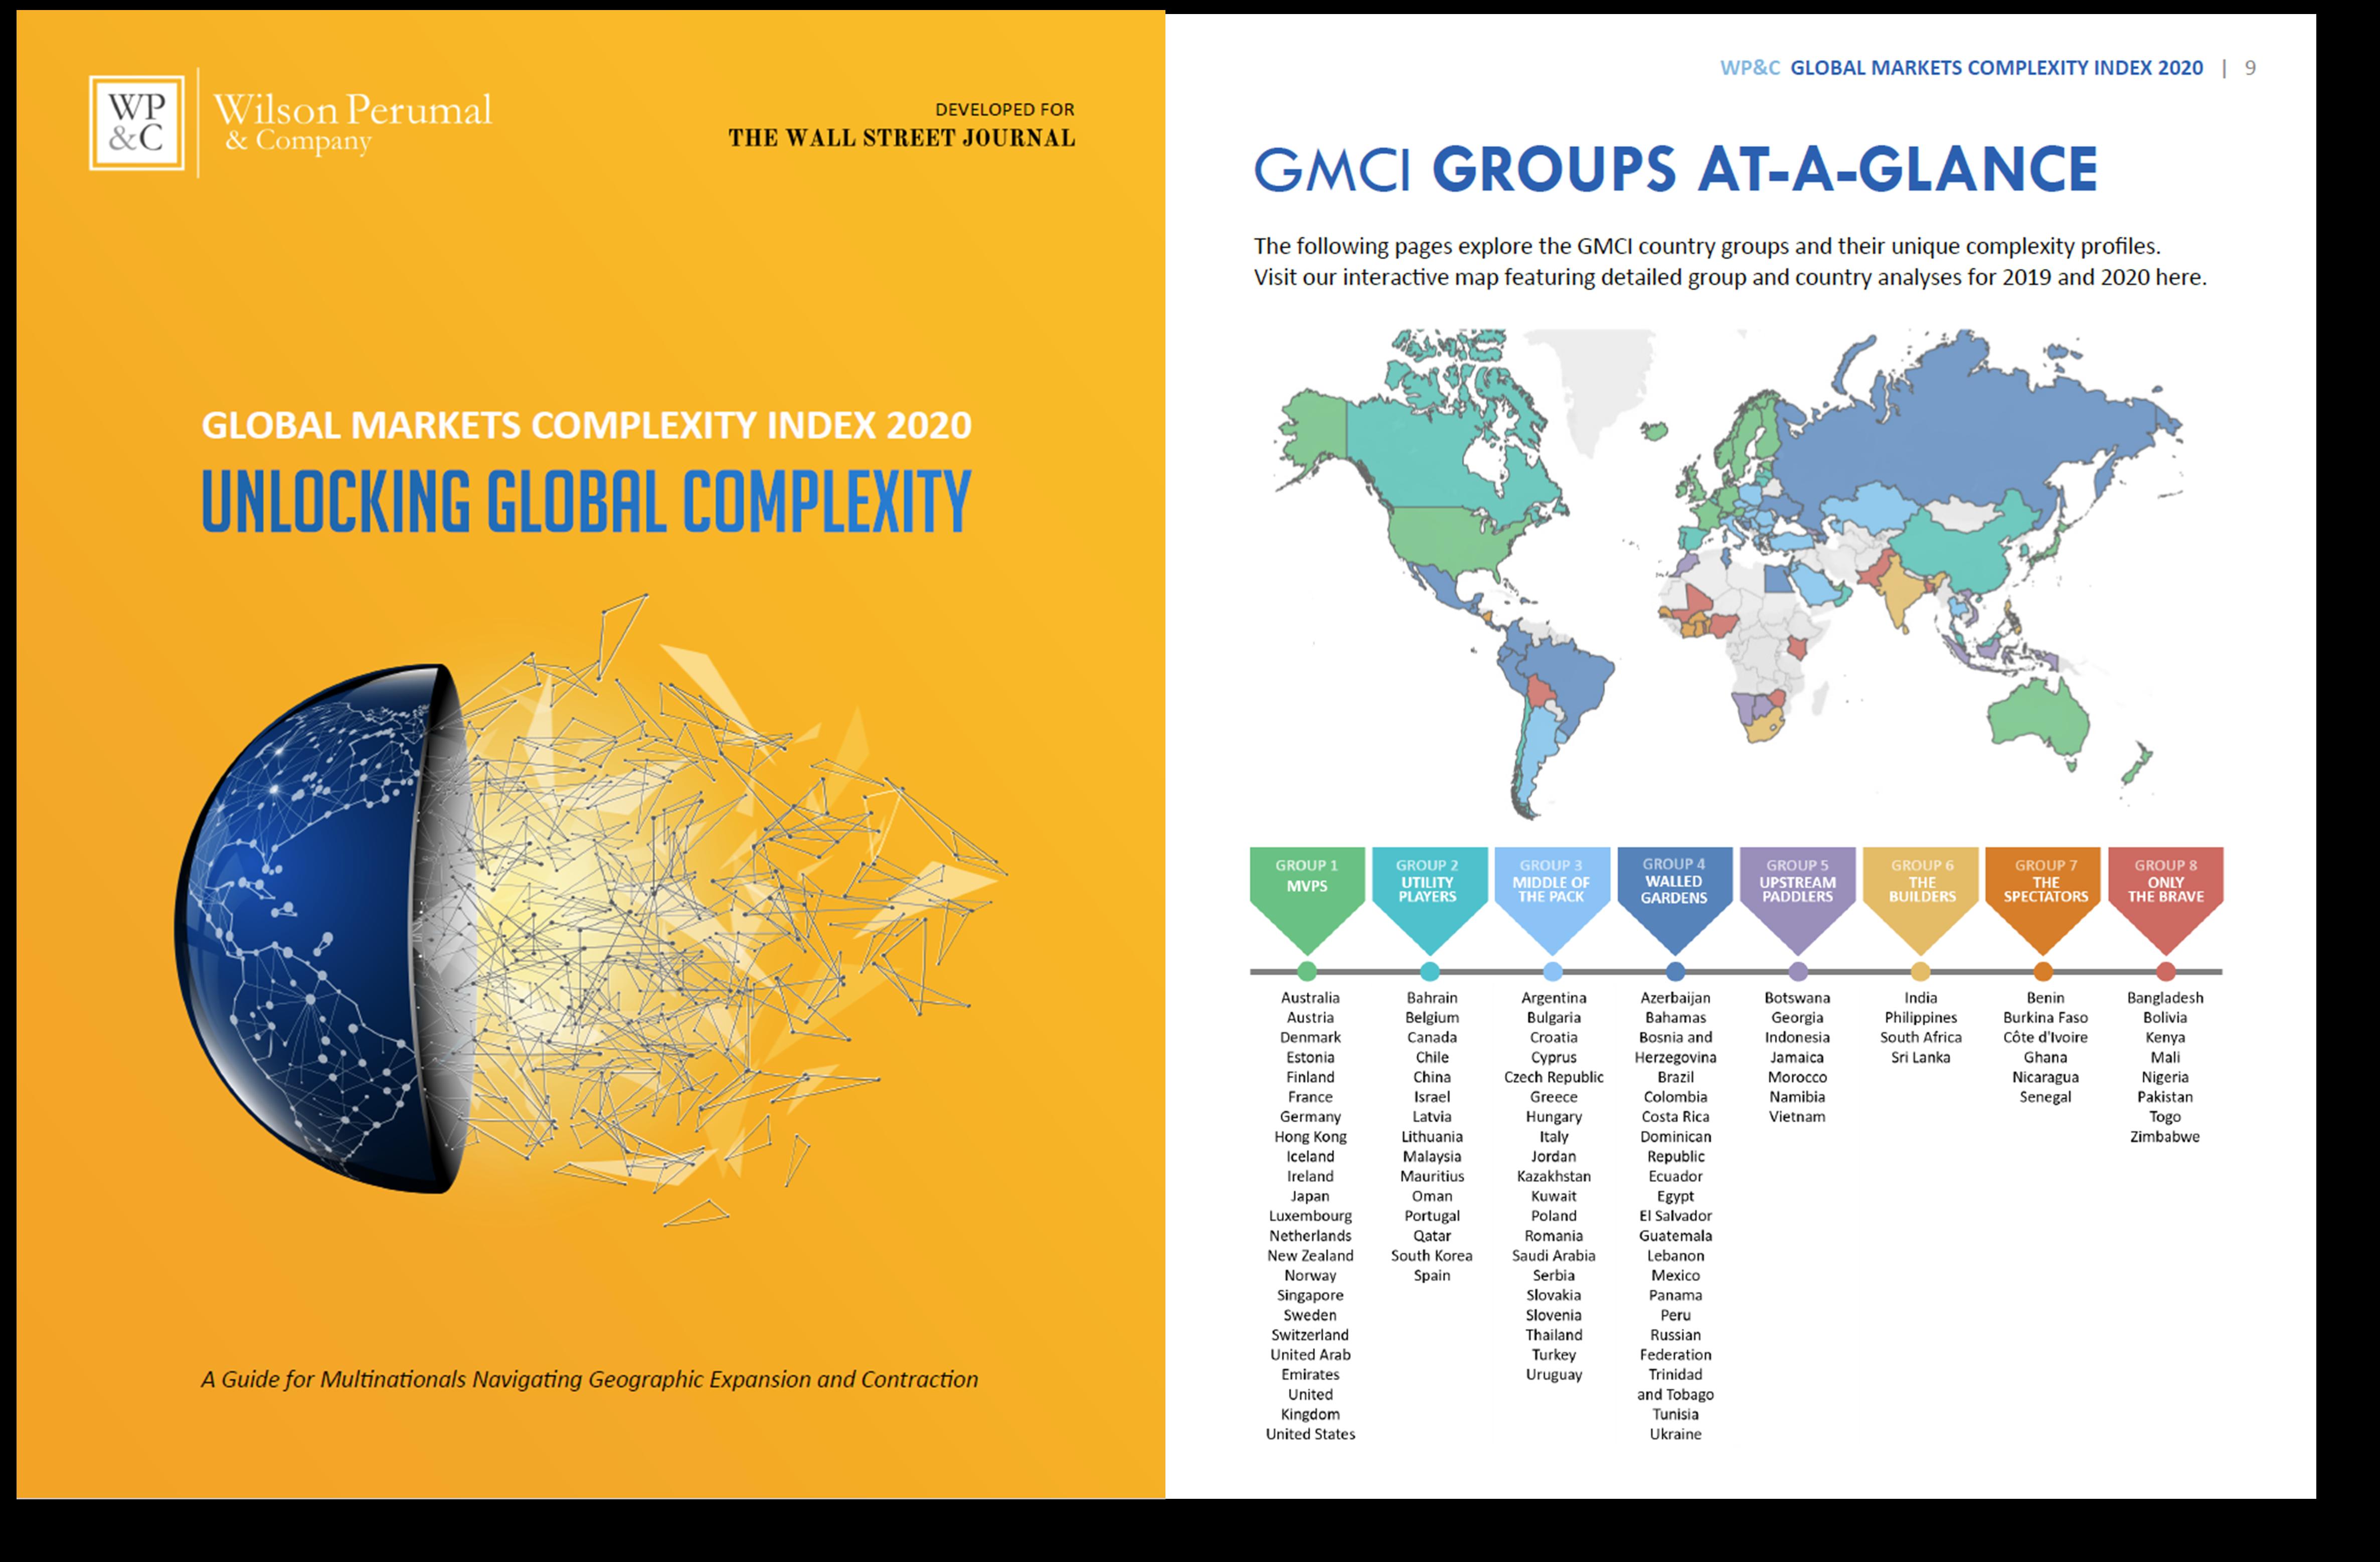 GMCI 2020 2 page image A v1